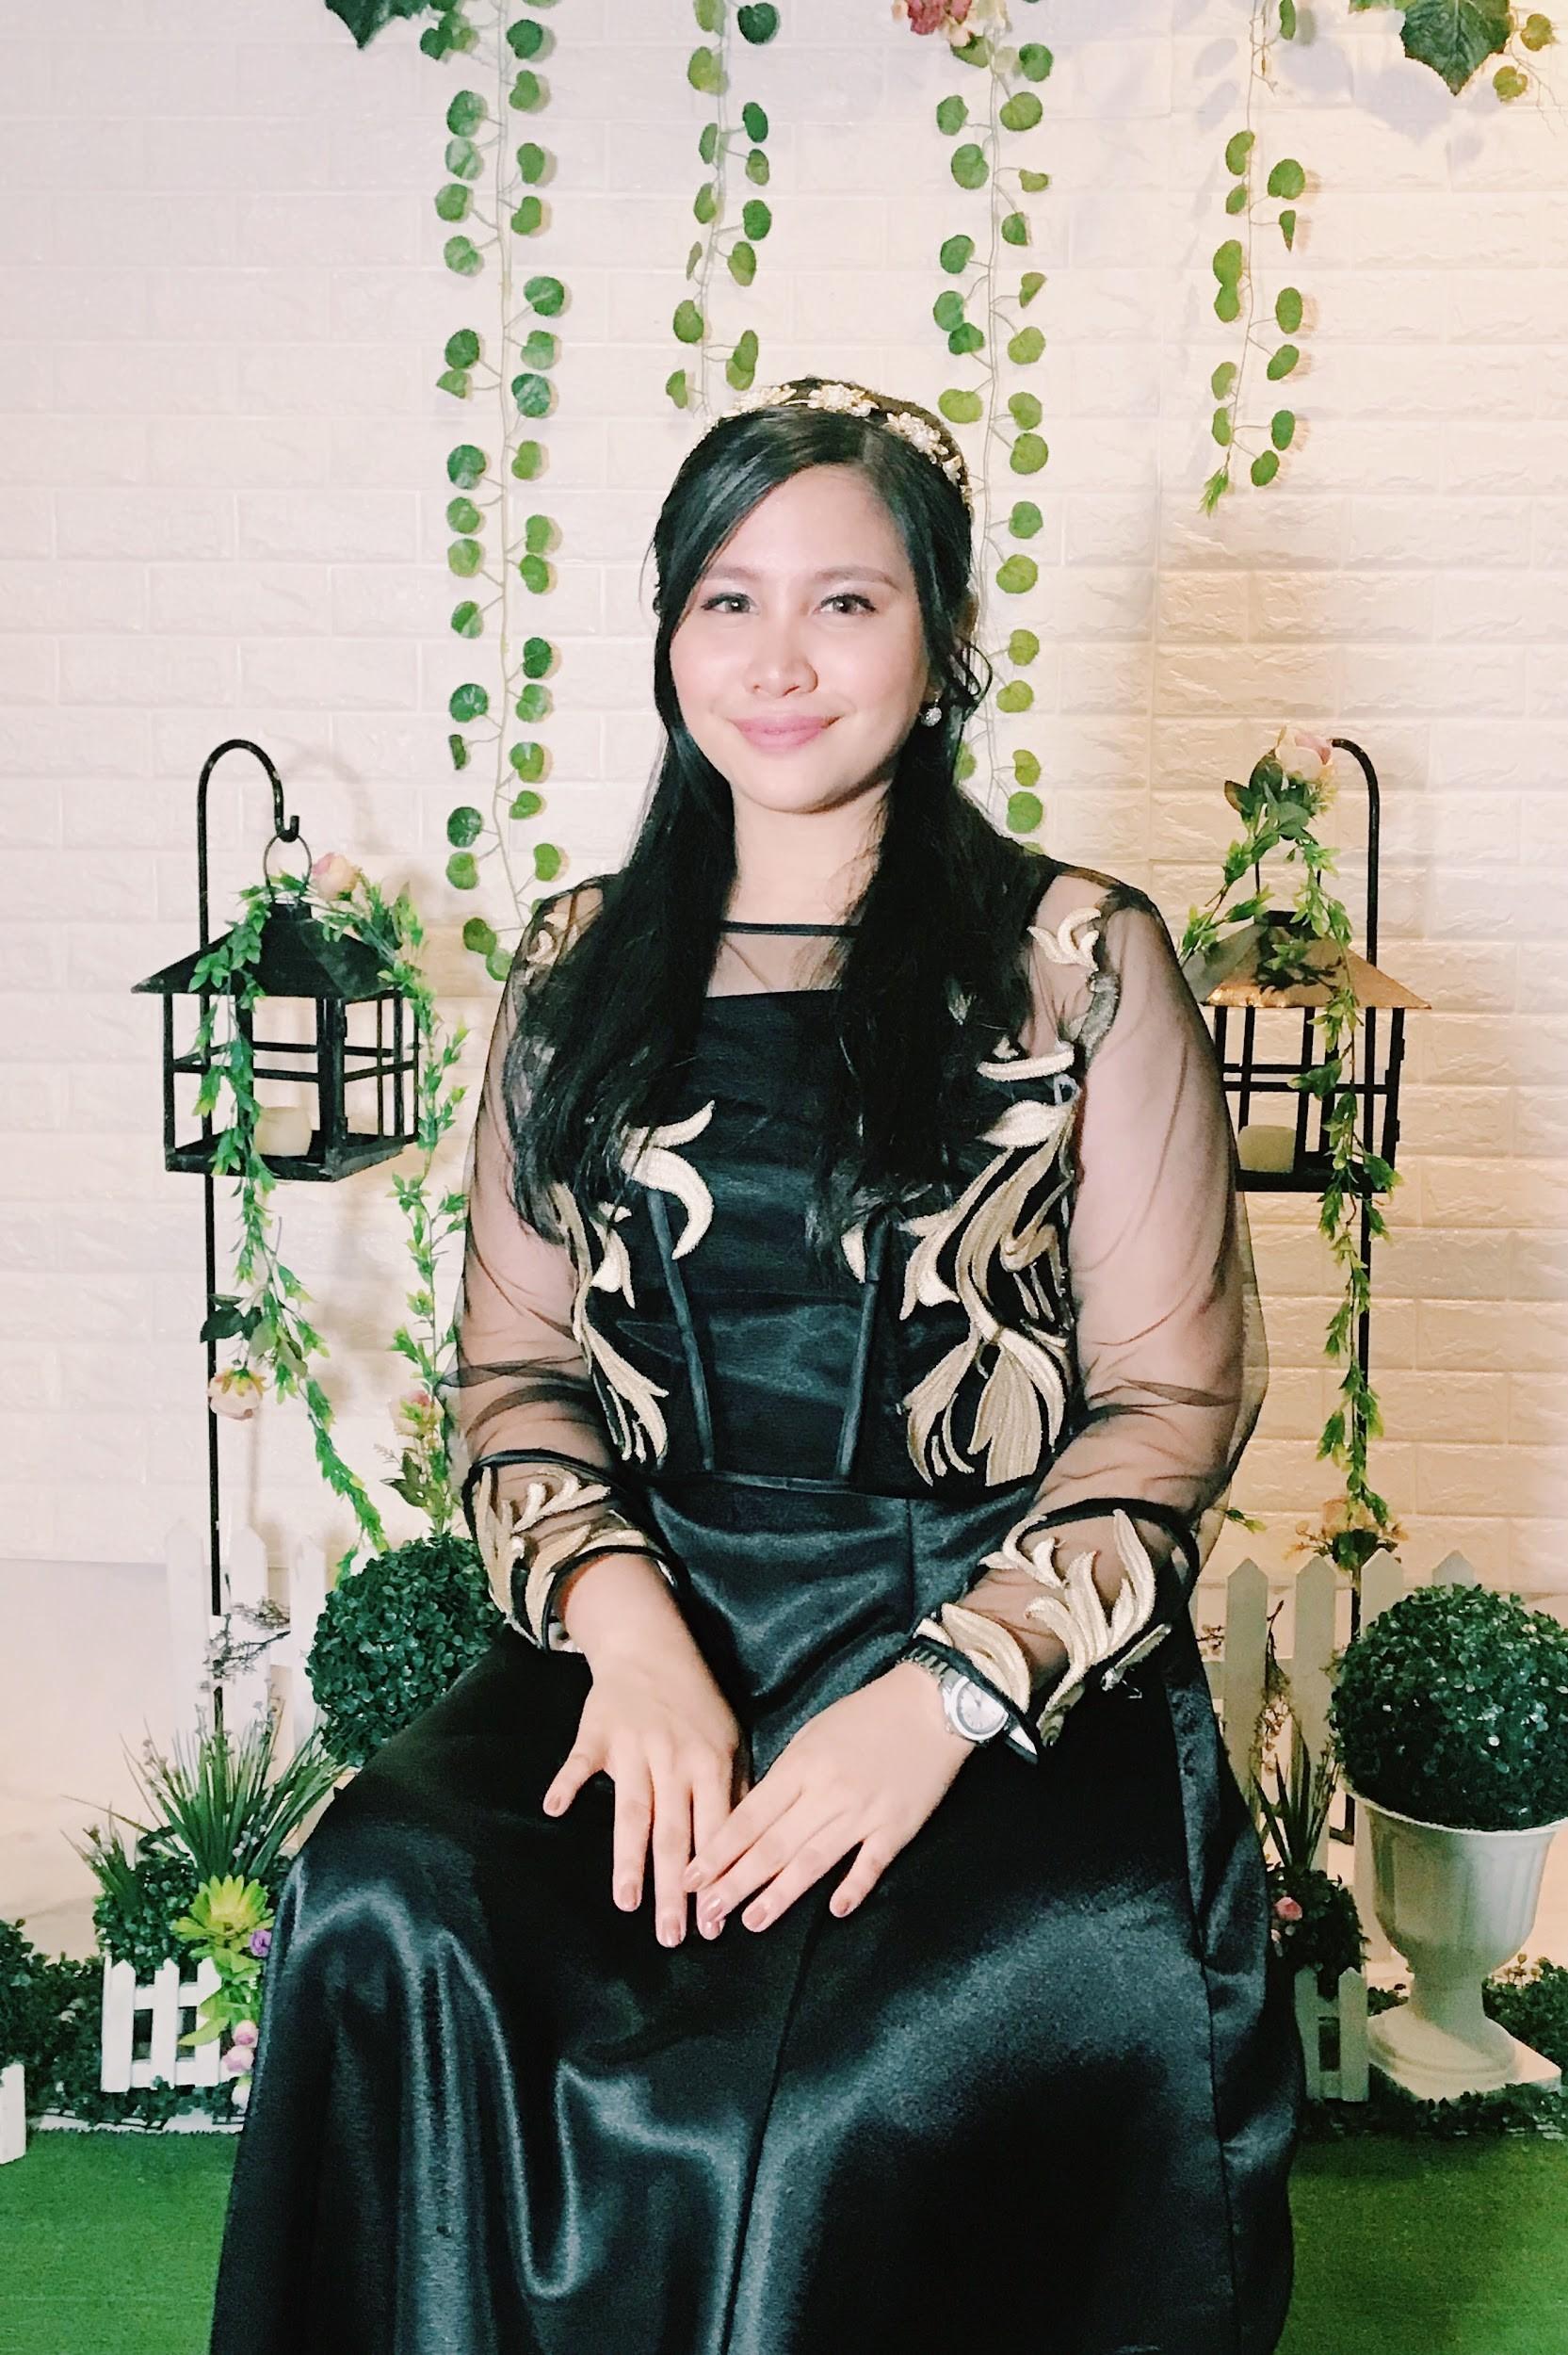 Kaezha Lhea